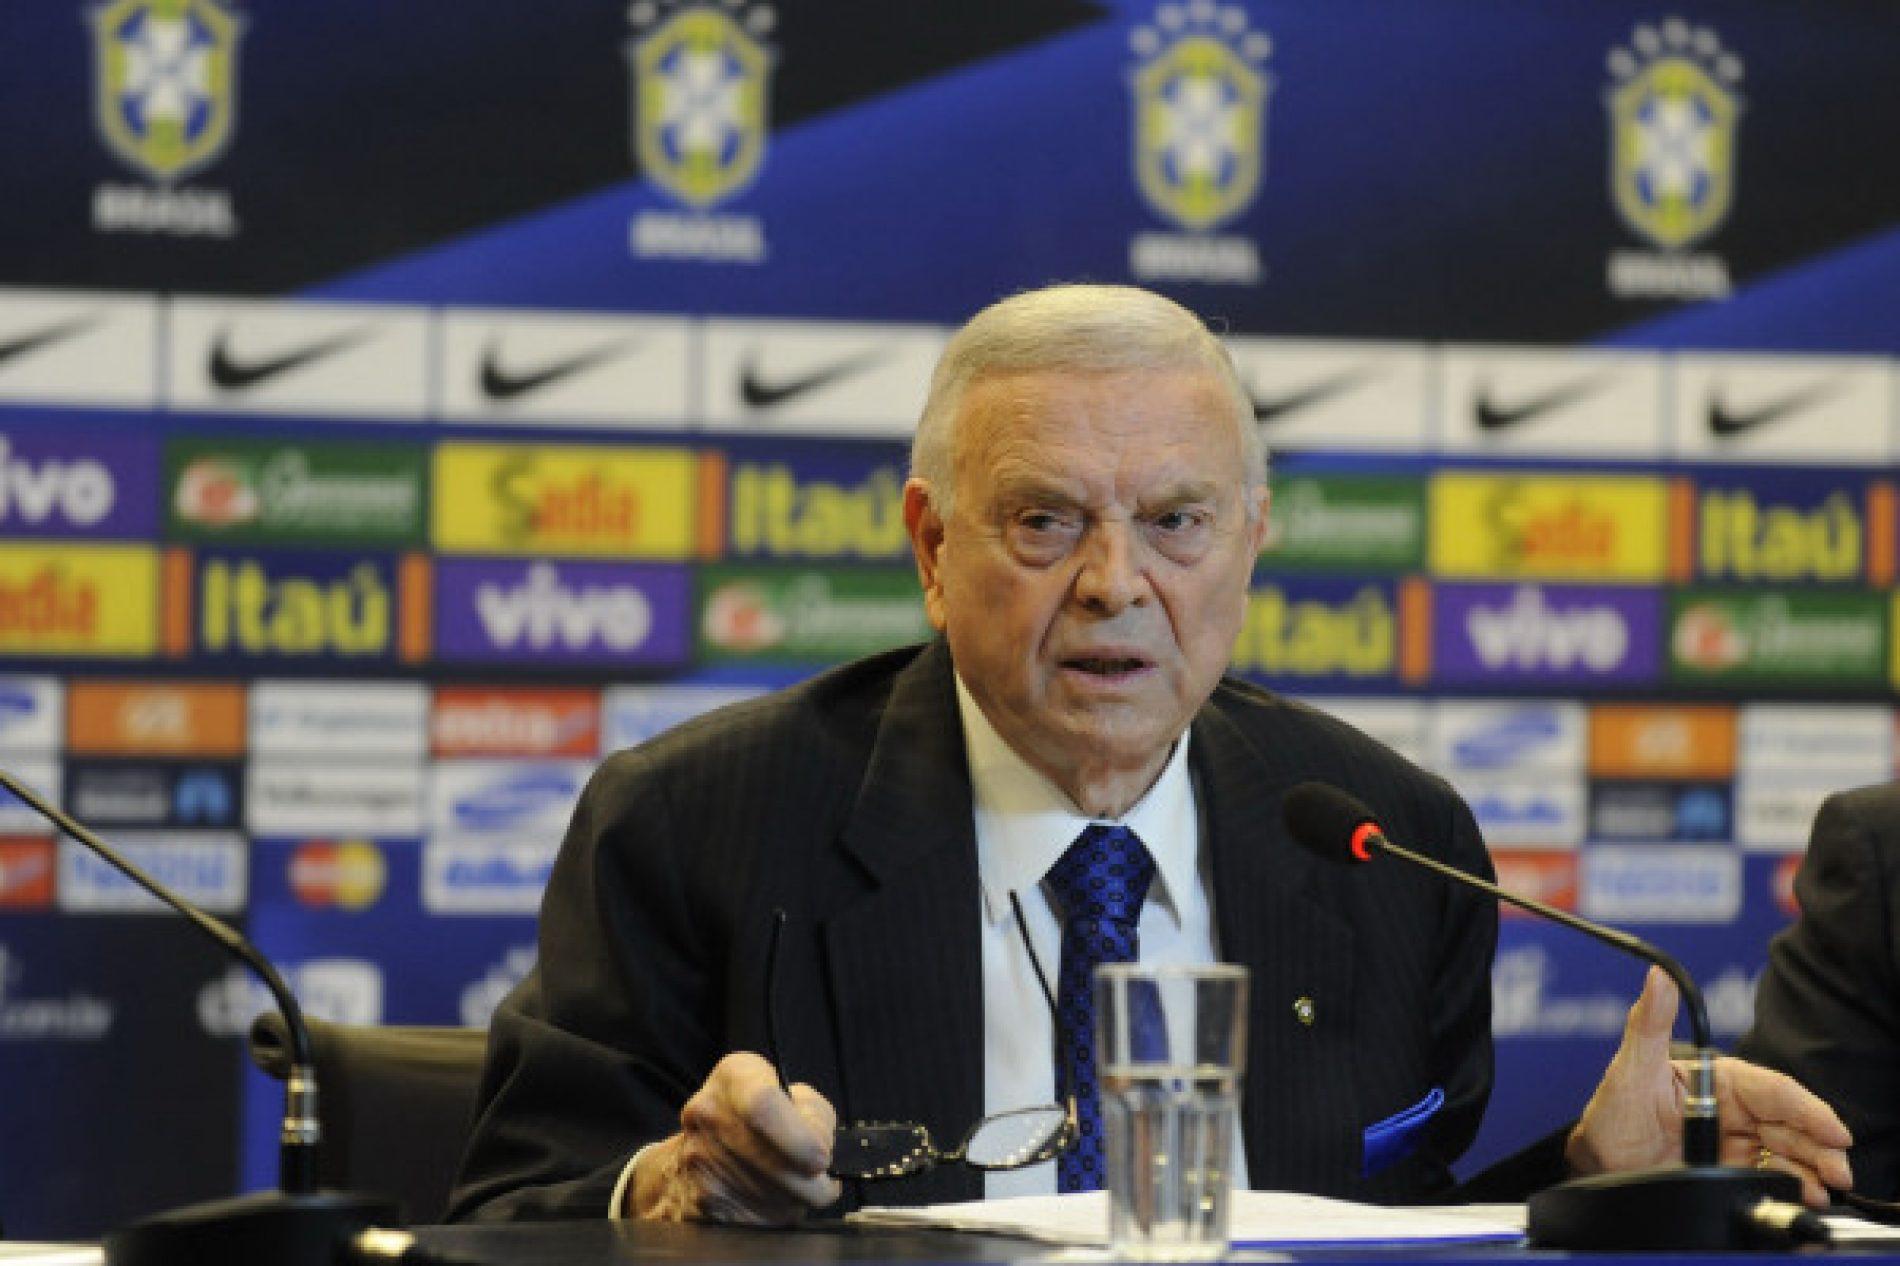 Executivo subornou dirigentes da CBF e diz que Globo pagou propina